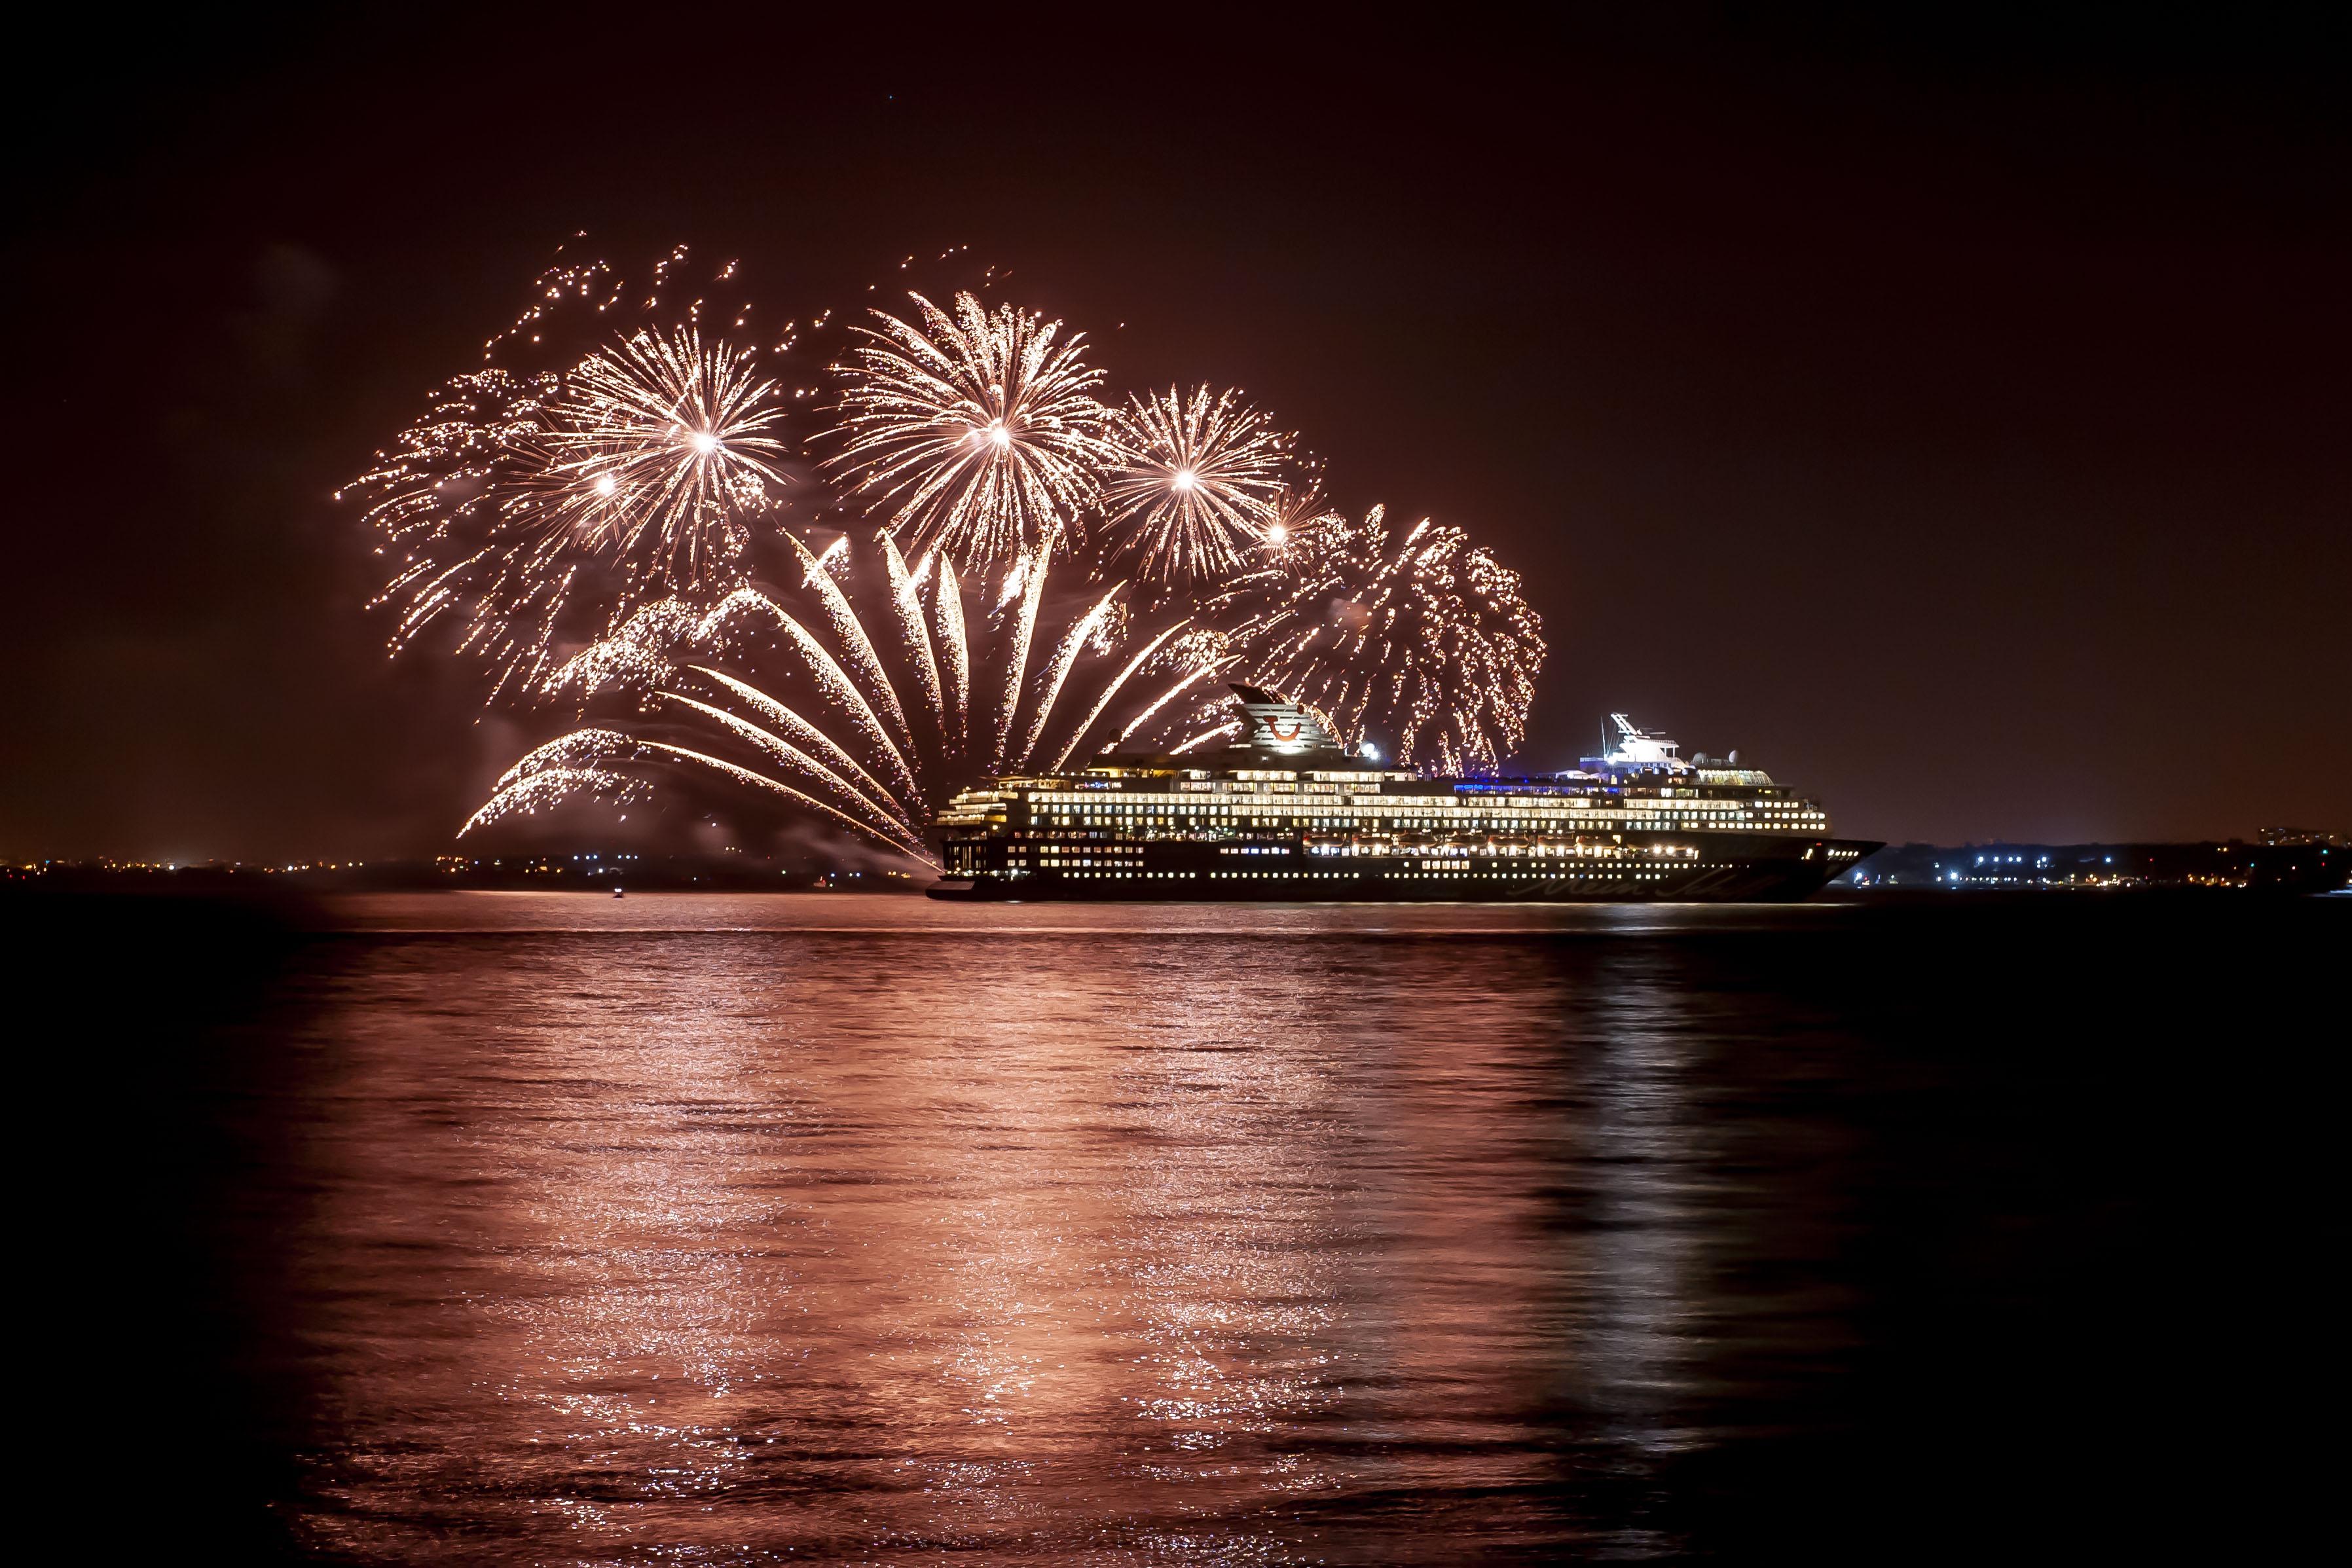 Feuerwerk bei der Premierenfeier der Mein Schiff Herz